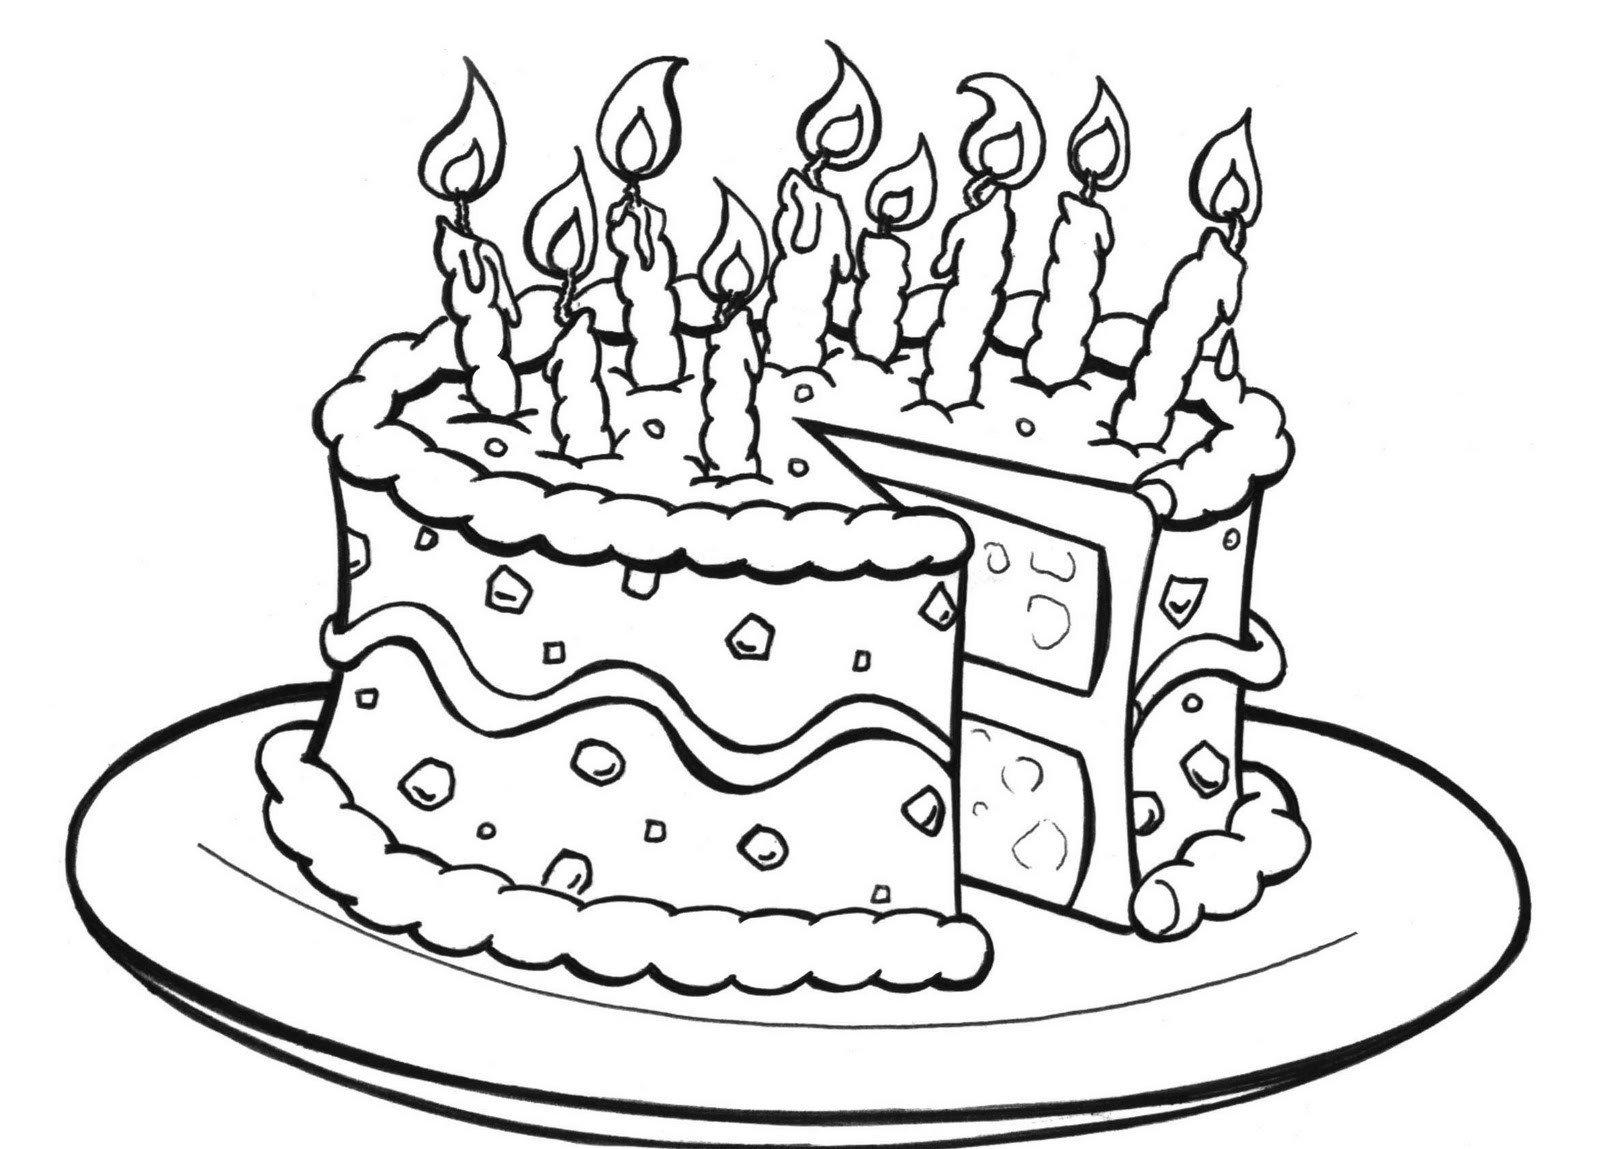 Раскраски на день рождения мальчику 4 года